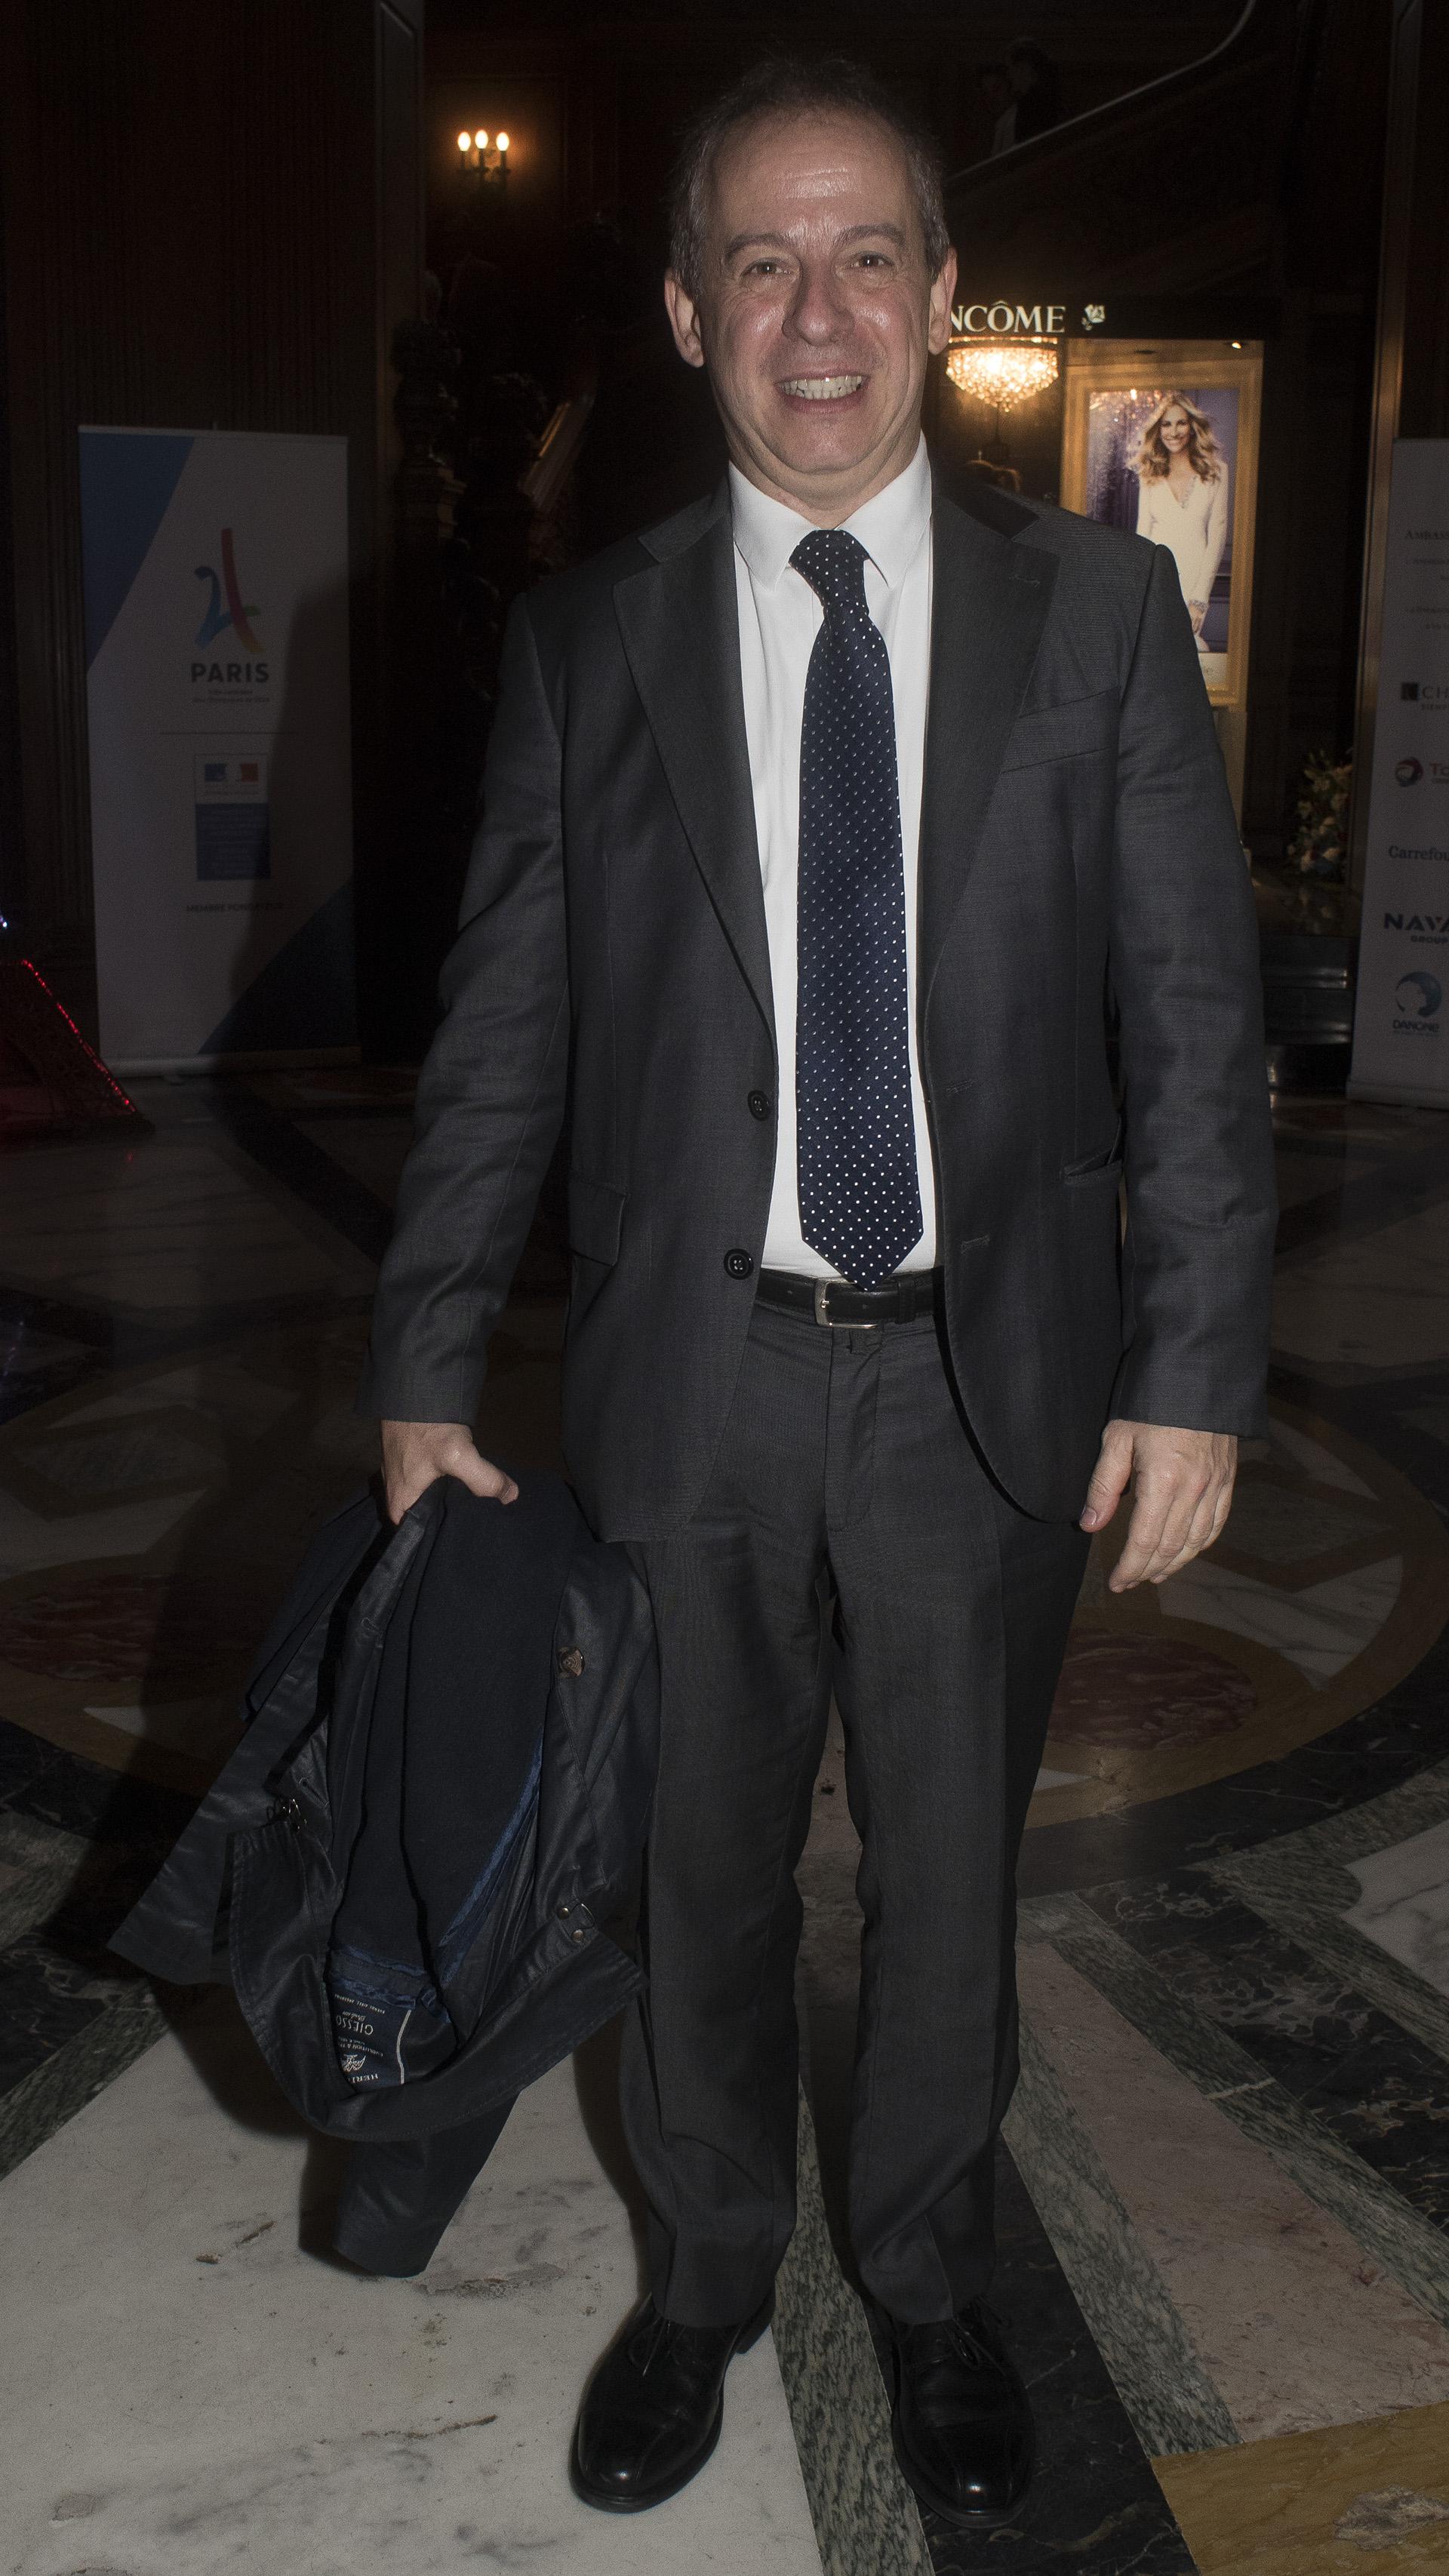 El gerente de Comunicaciones del Grupo Clarín, Martín Etchevers